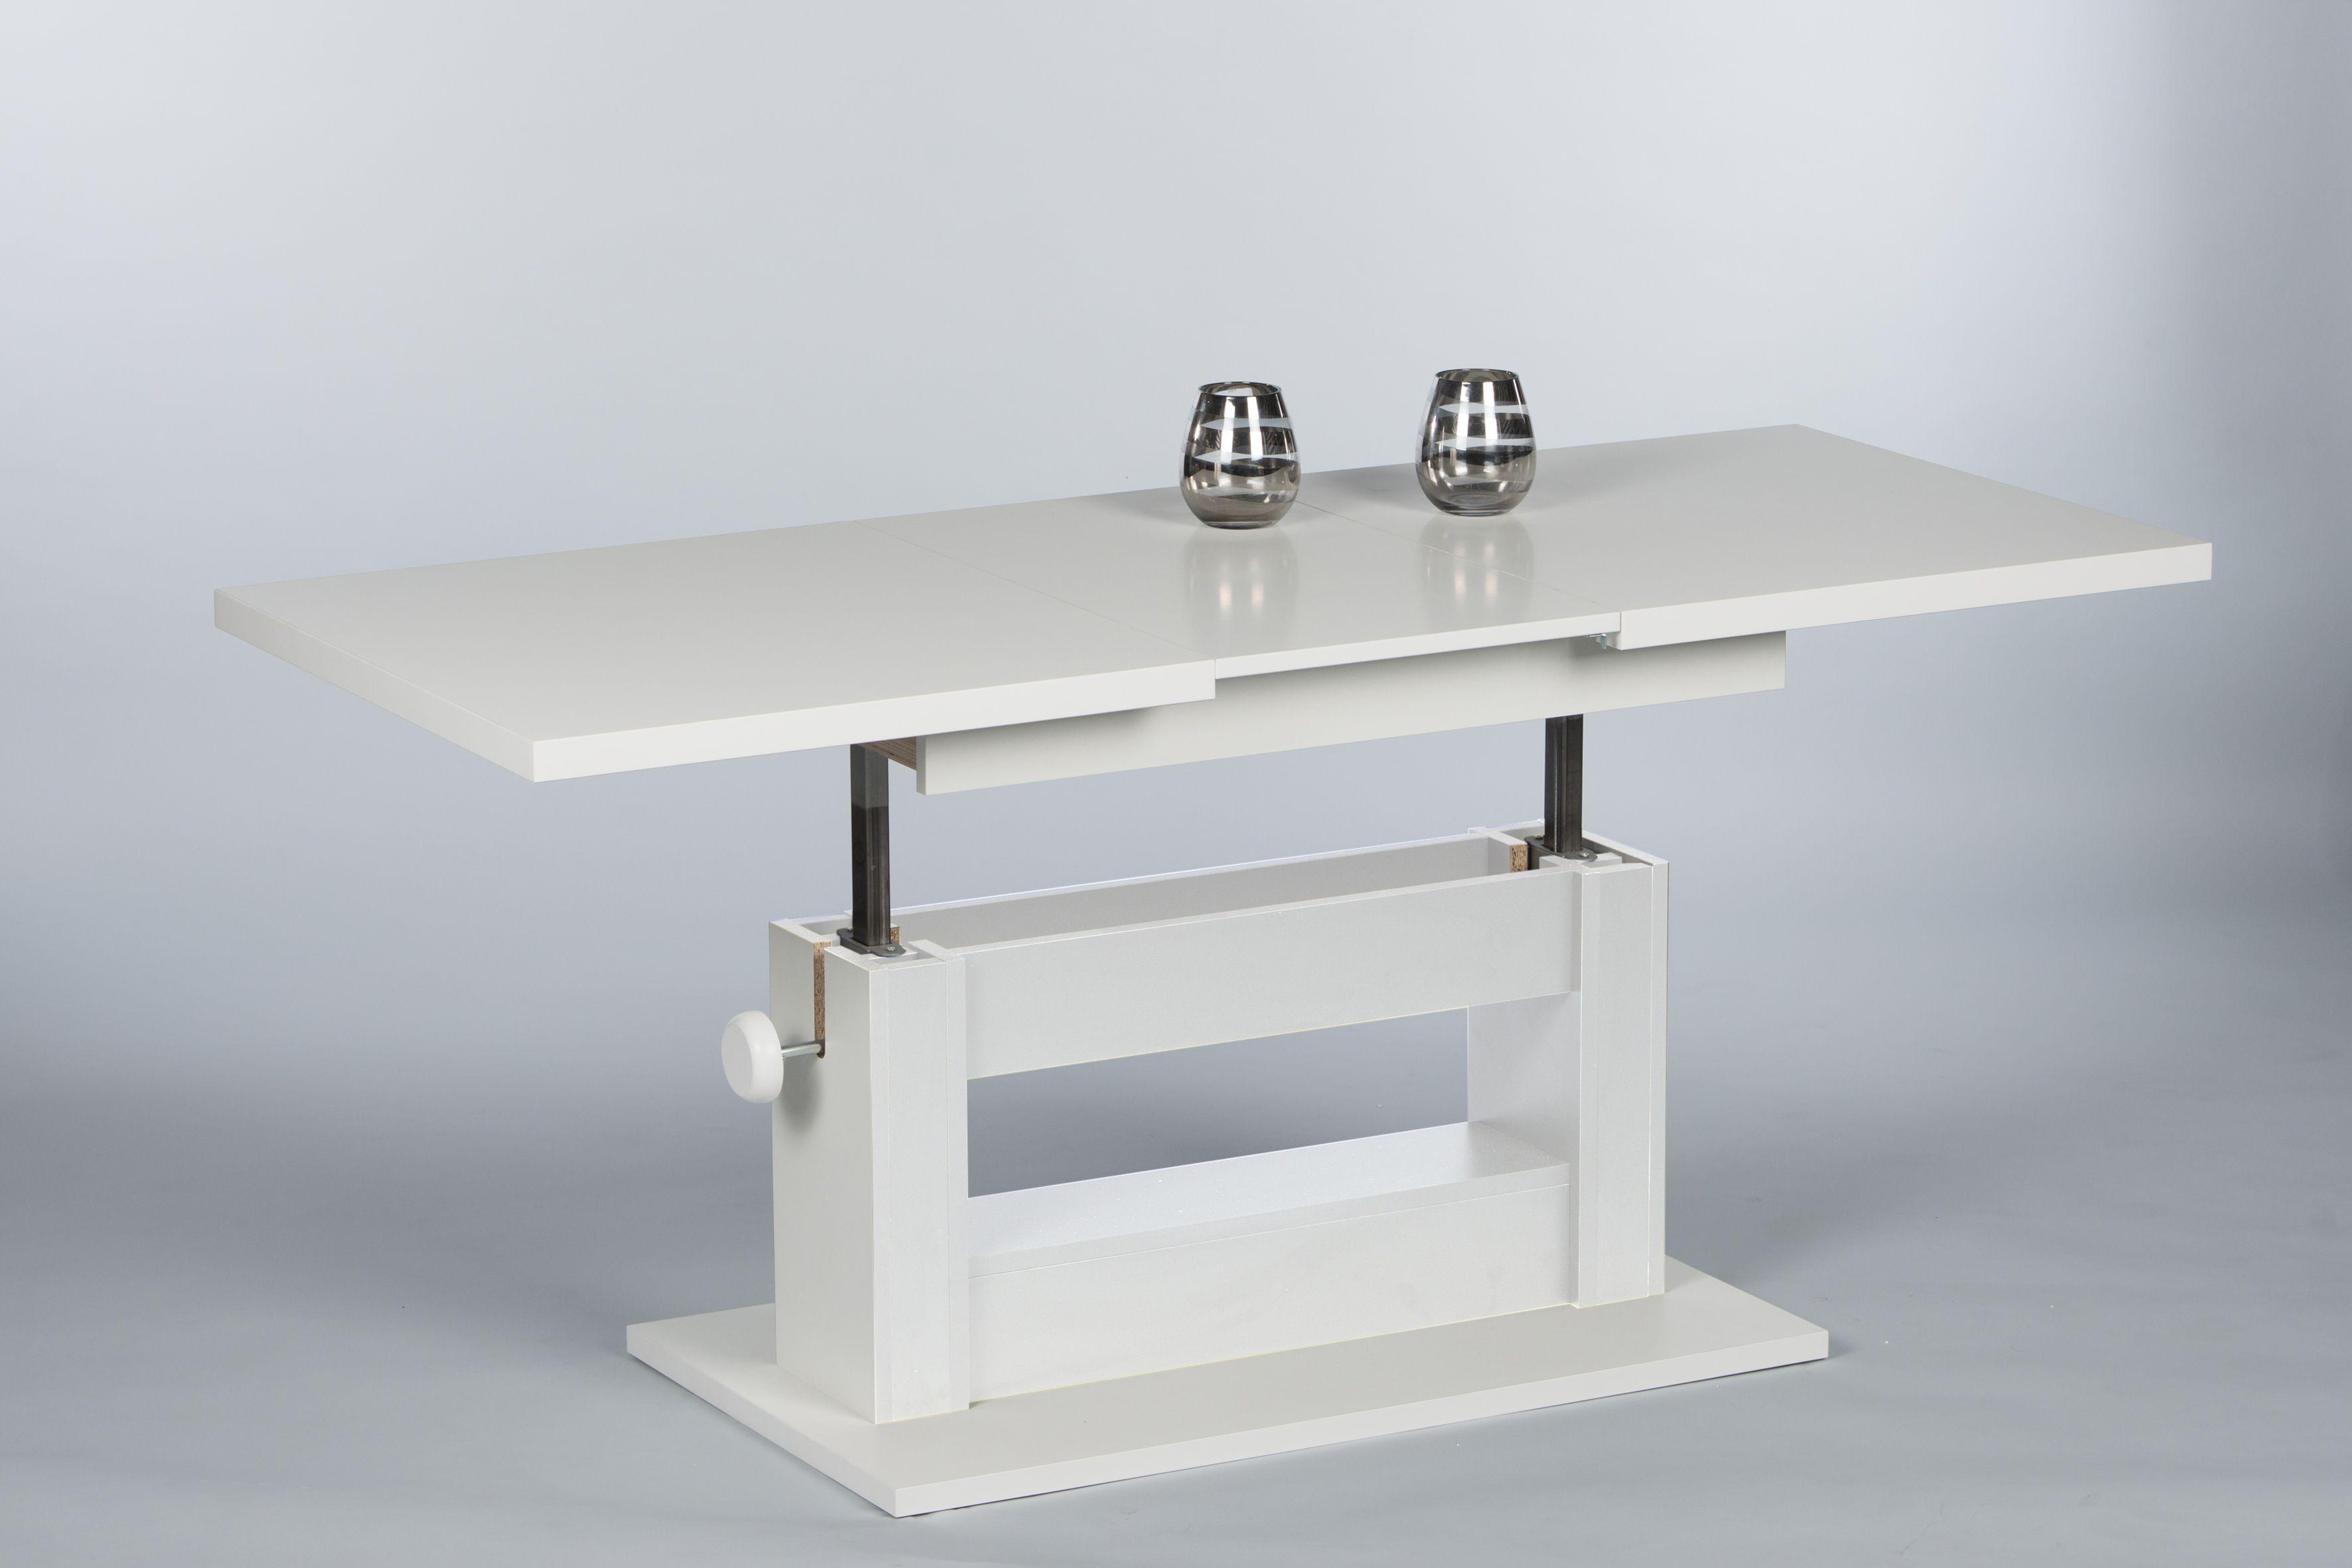 couchtisch wohnzimmertisch beistelltisch tisch. Black Bedroom Furniture Sets. Home Design Ideas